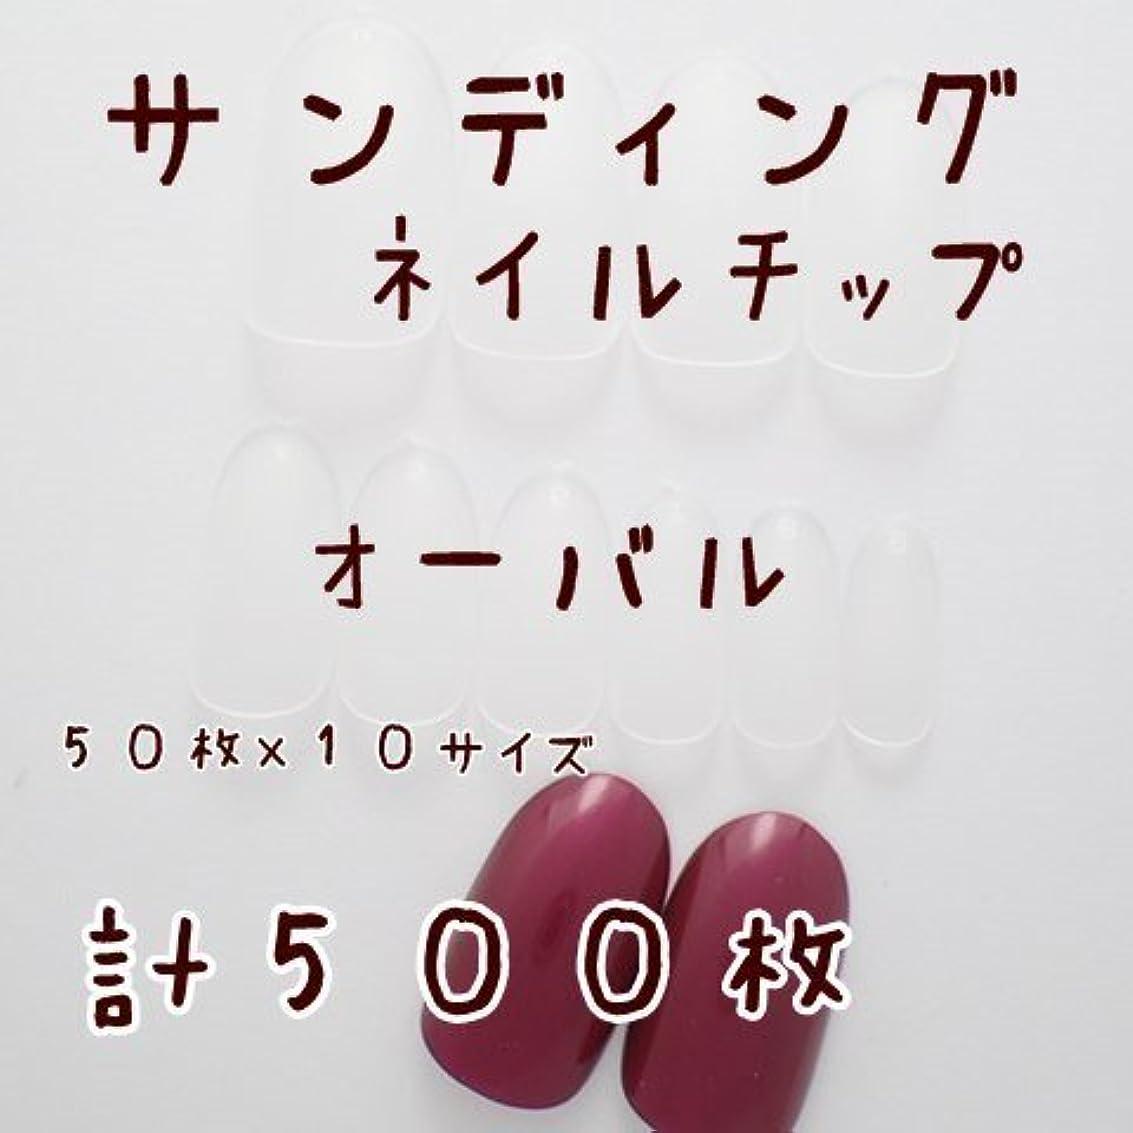 DINAネイル クリアネイルチップ【サンディング加工済みショートオーバル】50枚×10サイズ計500枚